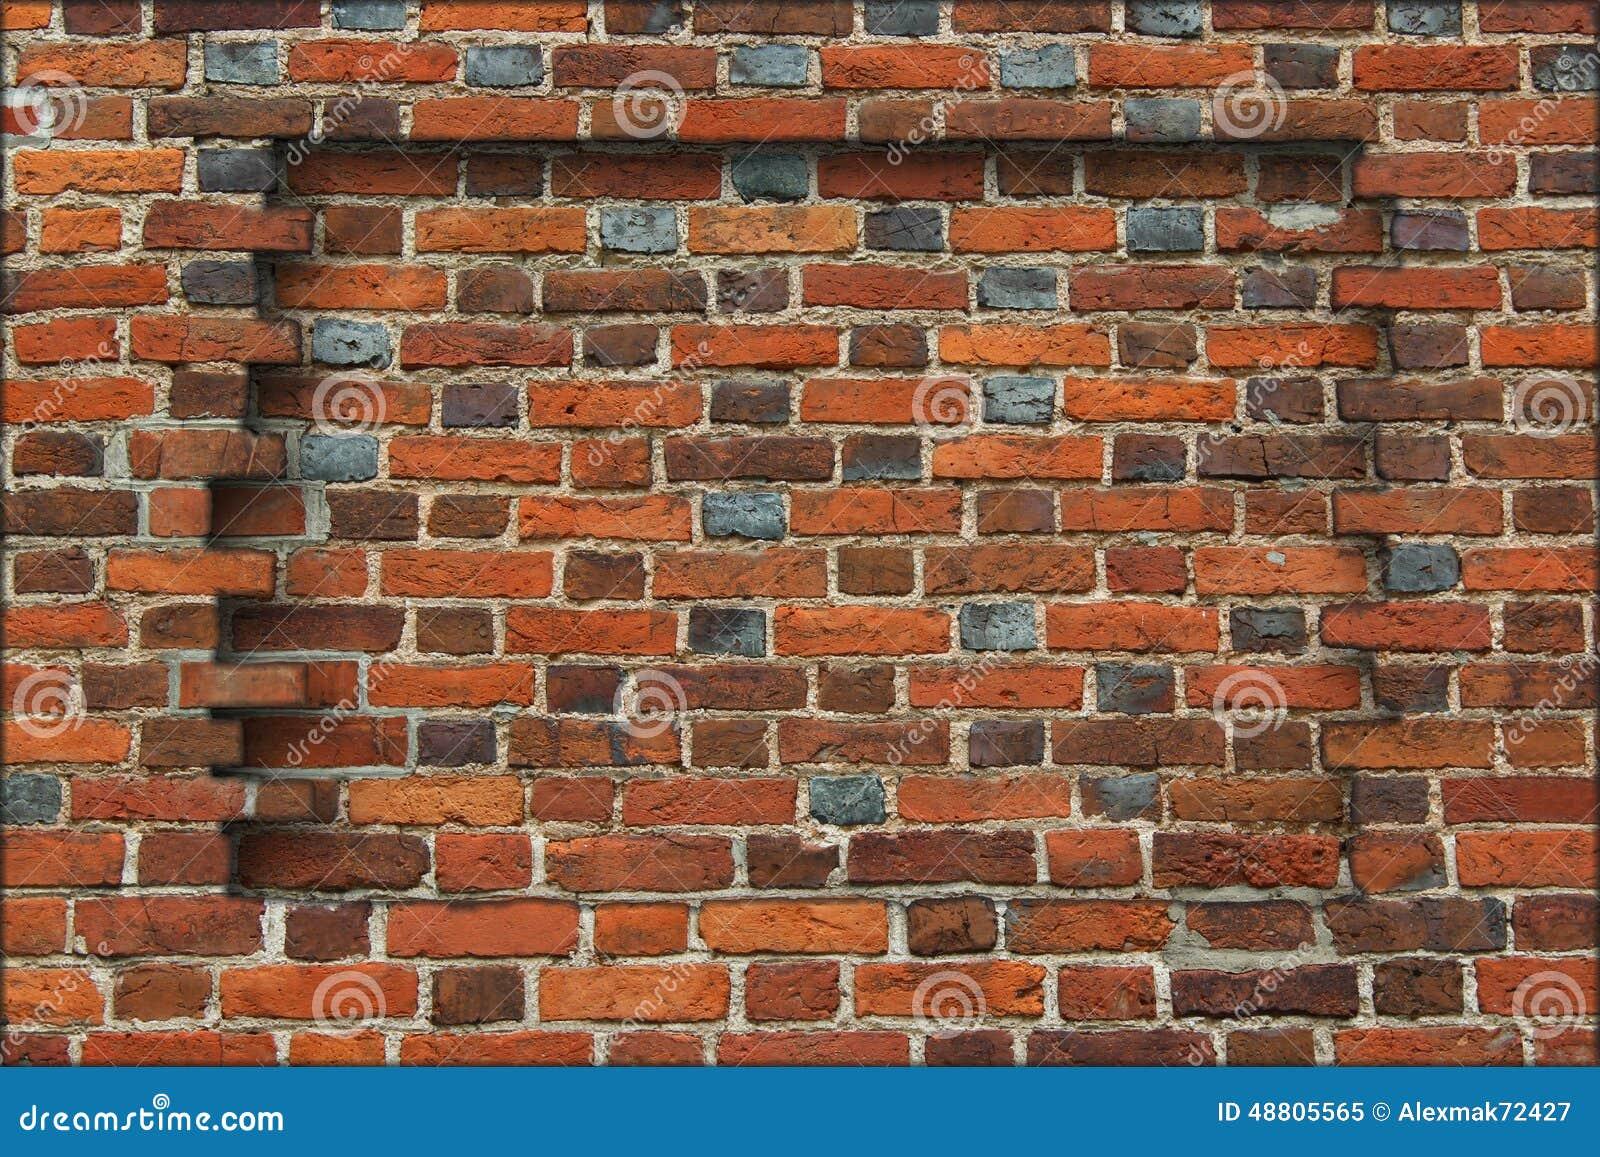 cr neau dans le mur fait partir de la brique rouge photo stock image 48805565. Black Bedroom Furniture Sets. Home Design Ideas